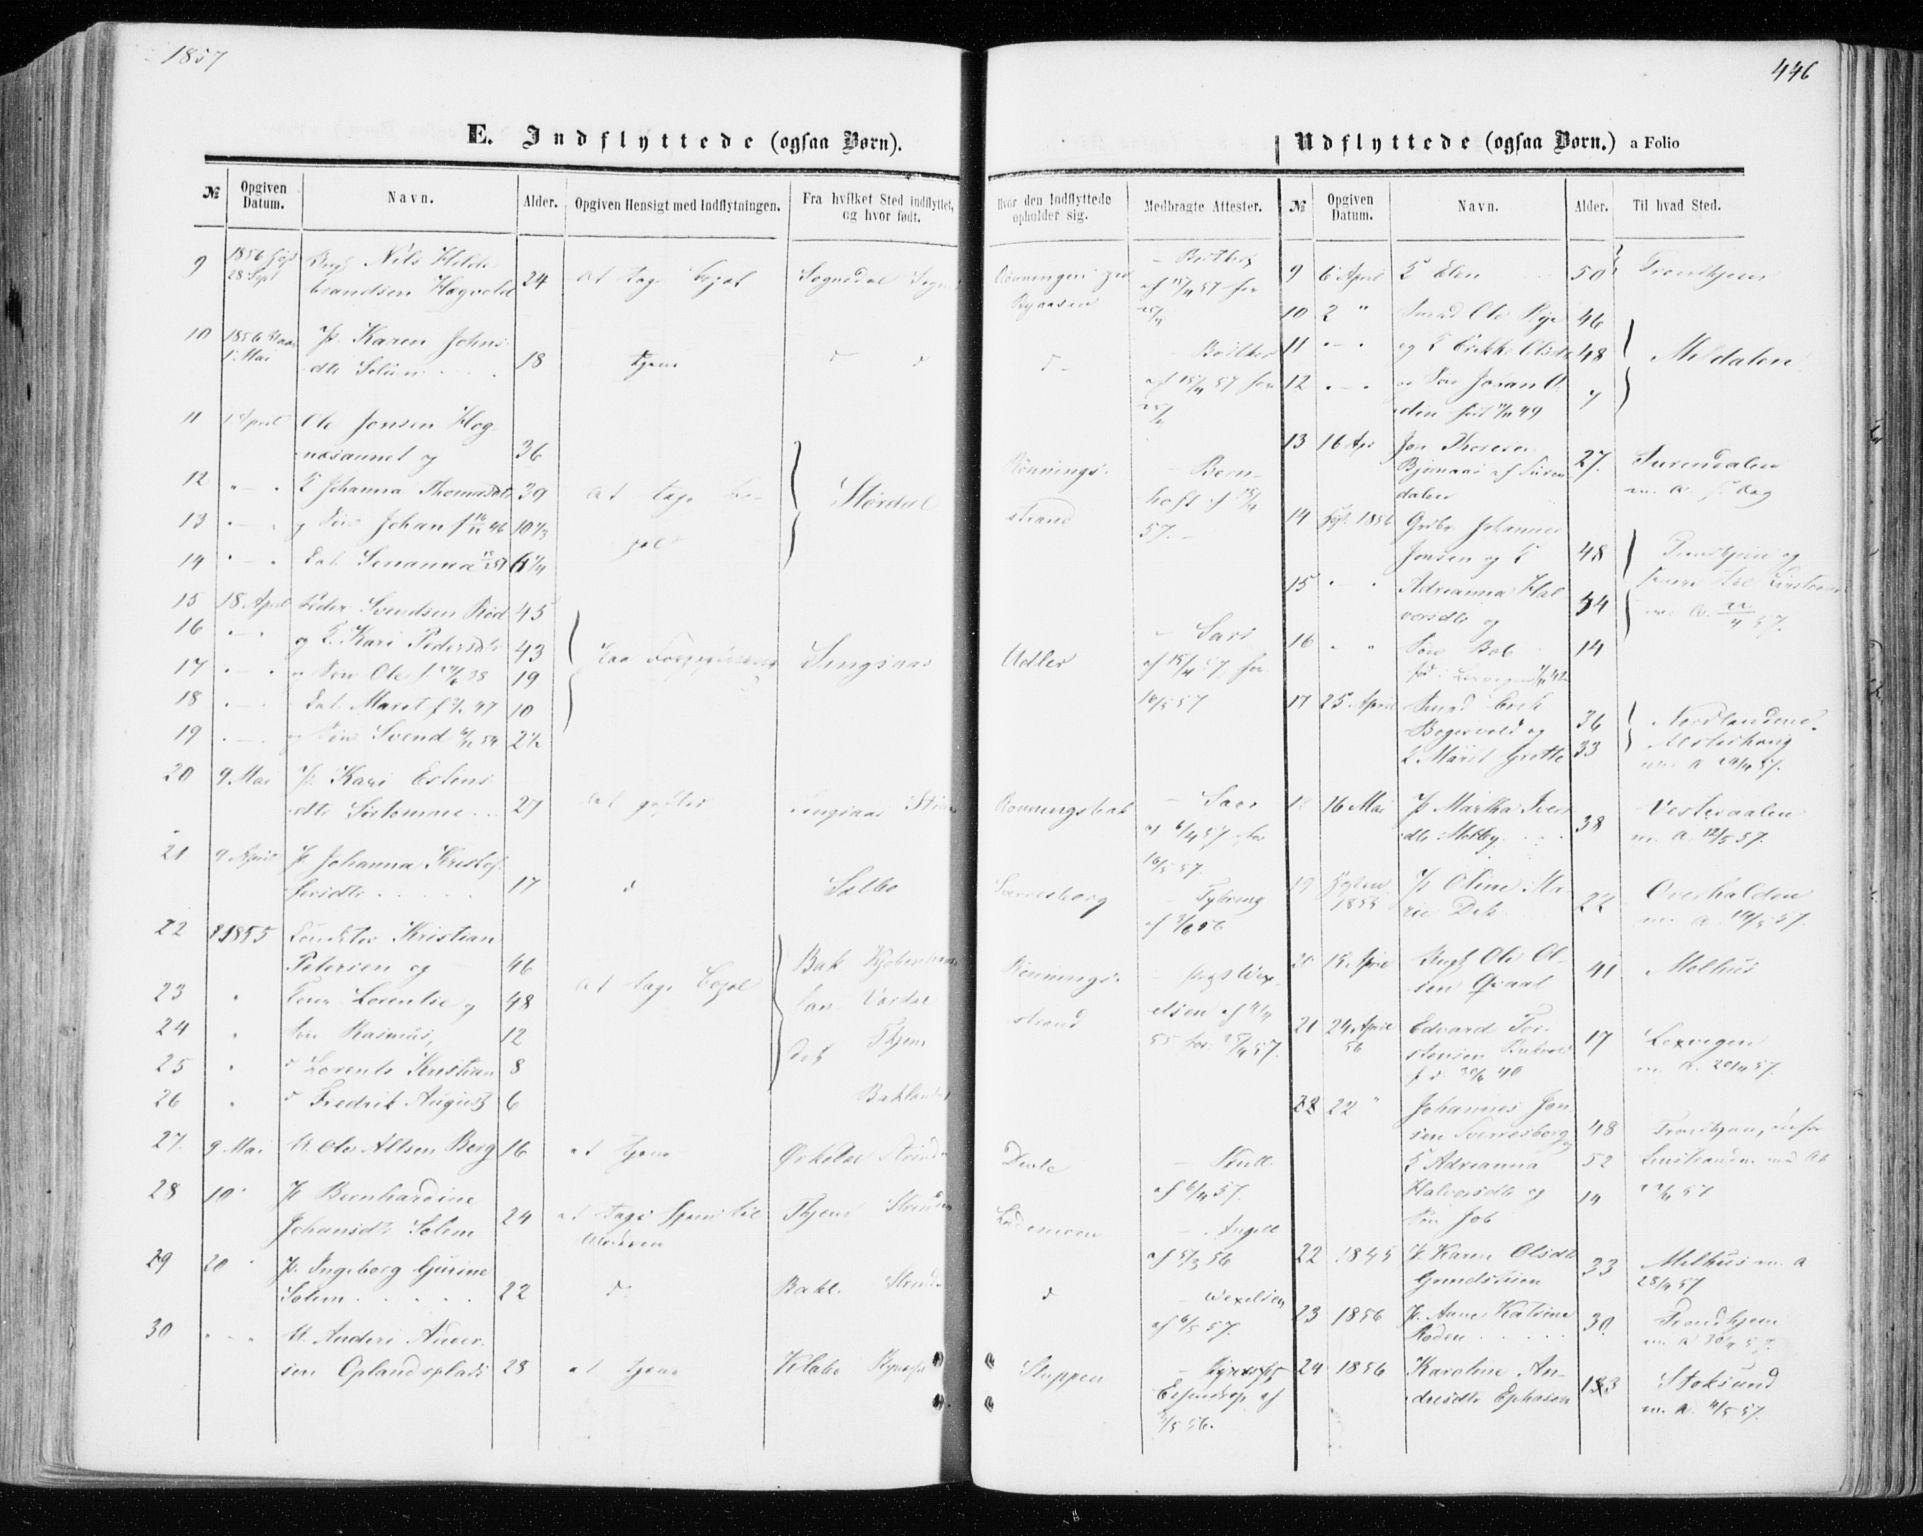 SAT, Ministerialprotokoller, klokkerbøker og fødselsregistre - Sør-Trøndelag, 606/L0292: Ministerialbok nr. 606A07, 1856-1865, s. 446